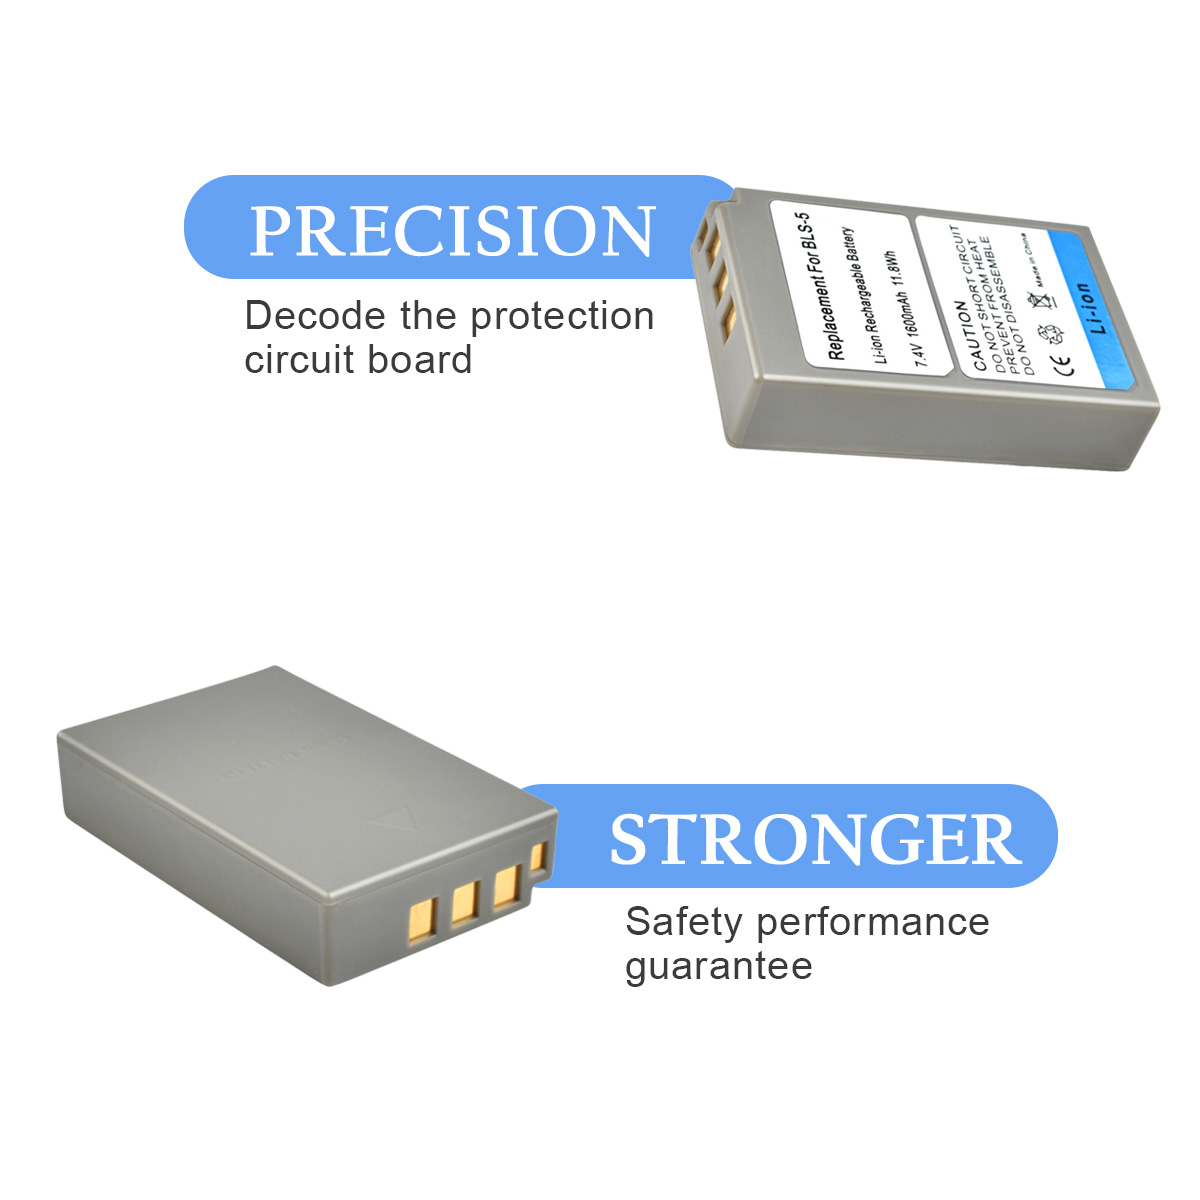 1X PS-BLS5 BLS-5 BLS5 BLS-50 BLS50 Camera Battery for Olympus PEN E-PL2 E-PL5 E-PL6 E-PL7 E-PM2 OM-D E-M10 E-M10 II  Stylus1 L15